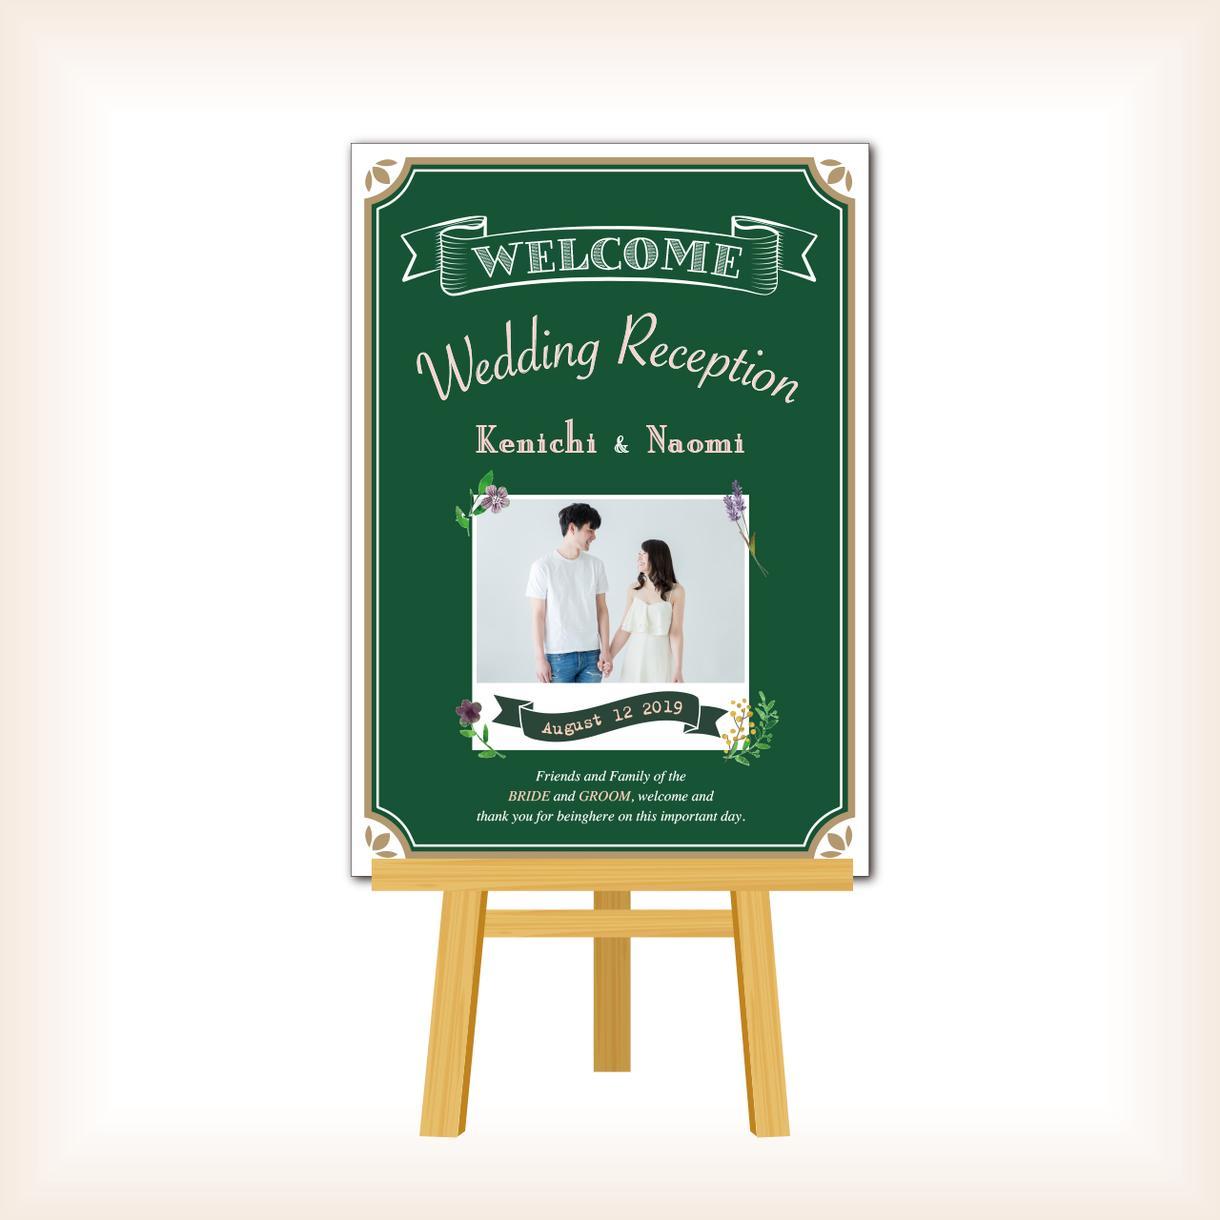 パネル対応ウェルカムボードチョークアート風作ります お手持ちの写真で作るスタイリッシュなウェルカムボードです!